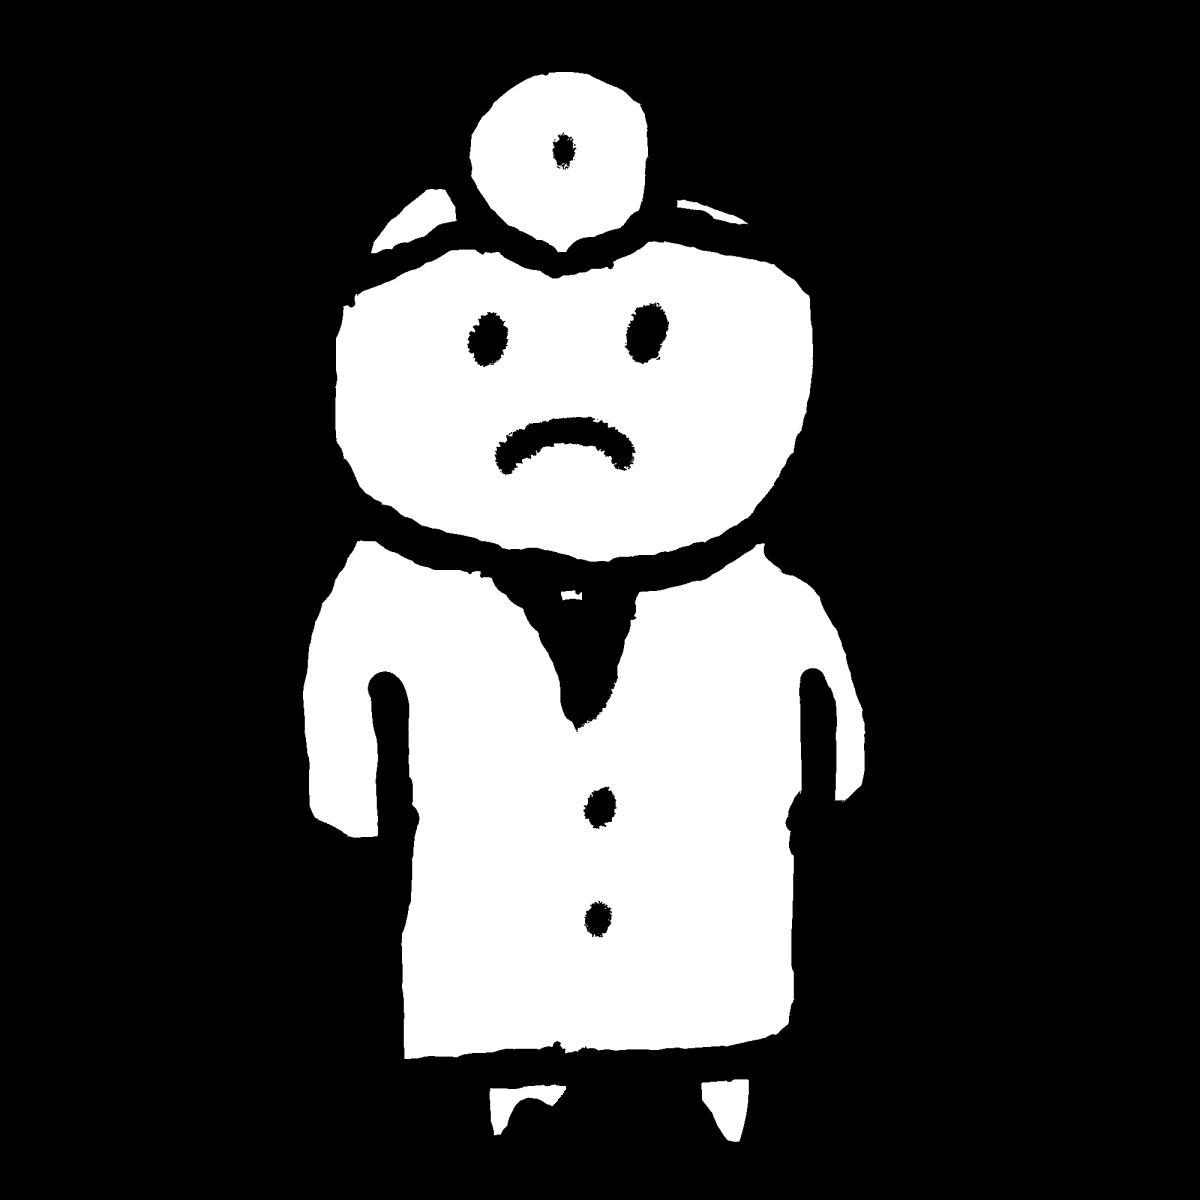 医師2のイラスト / Doctor 2 Illustration